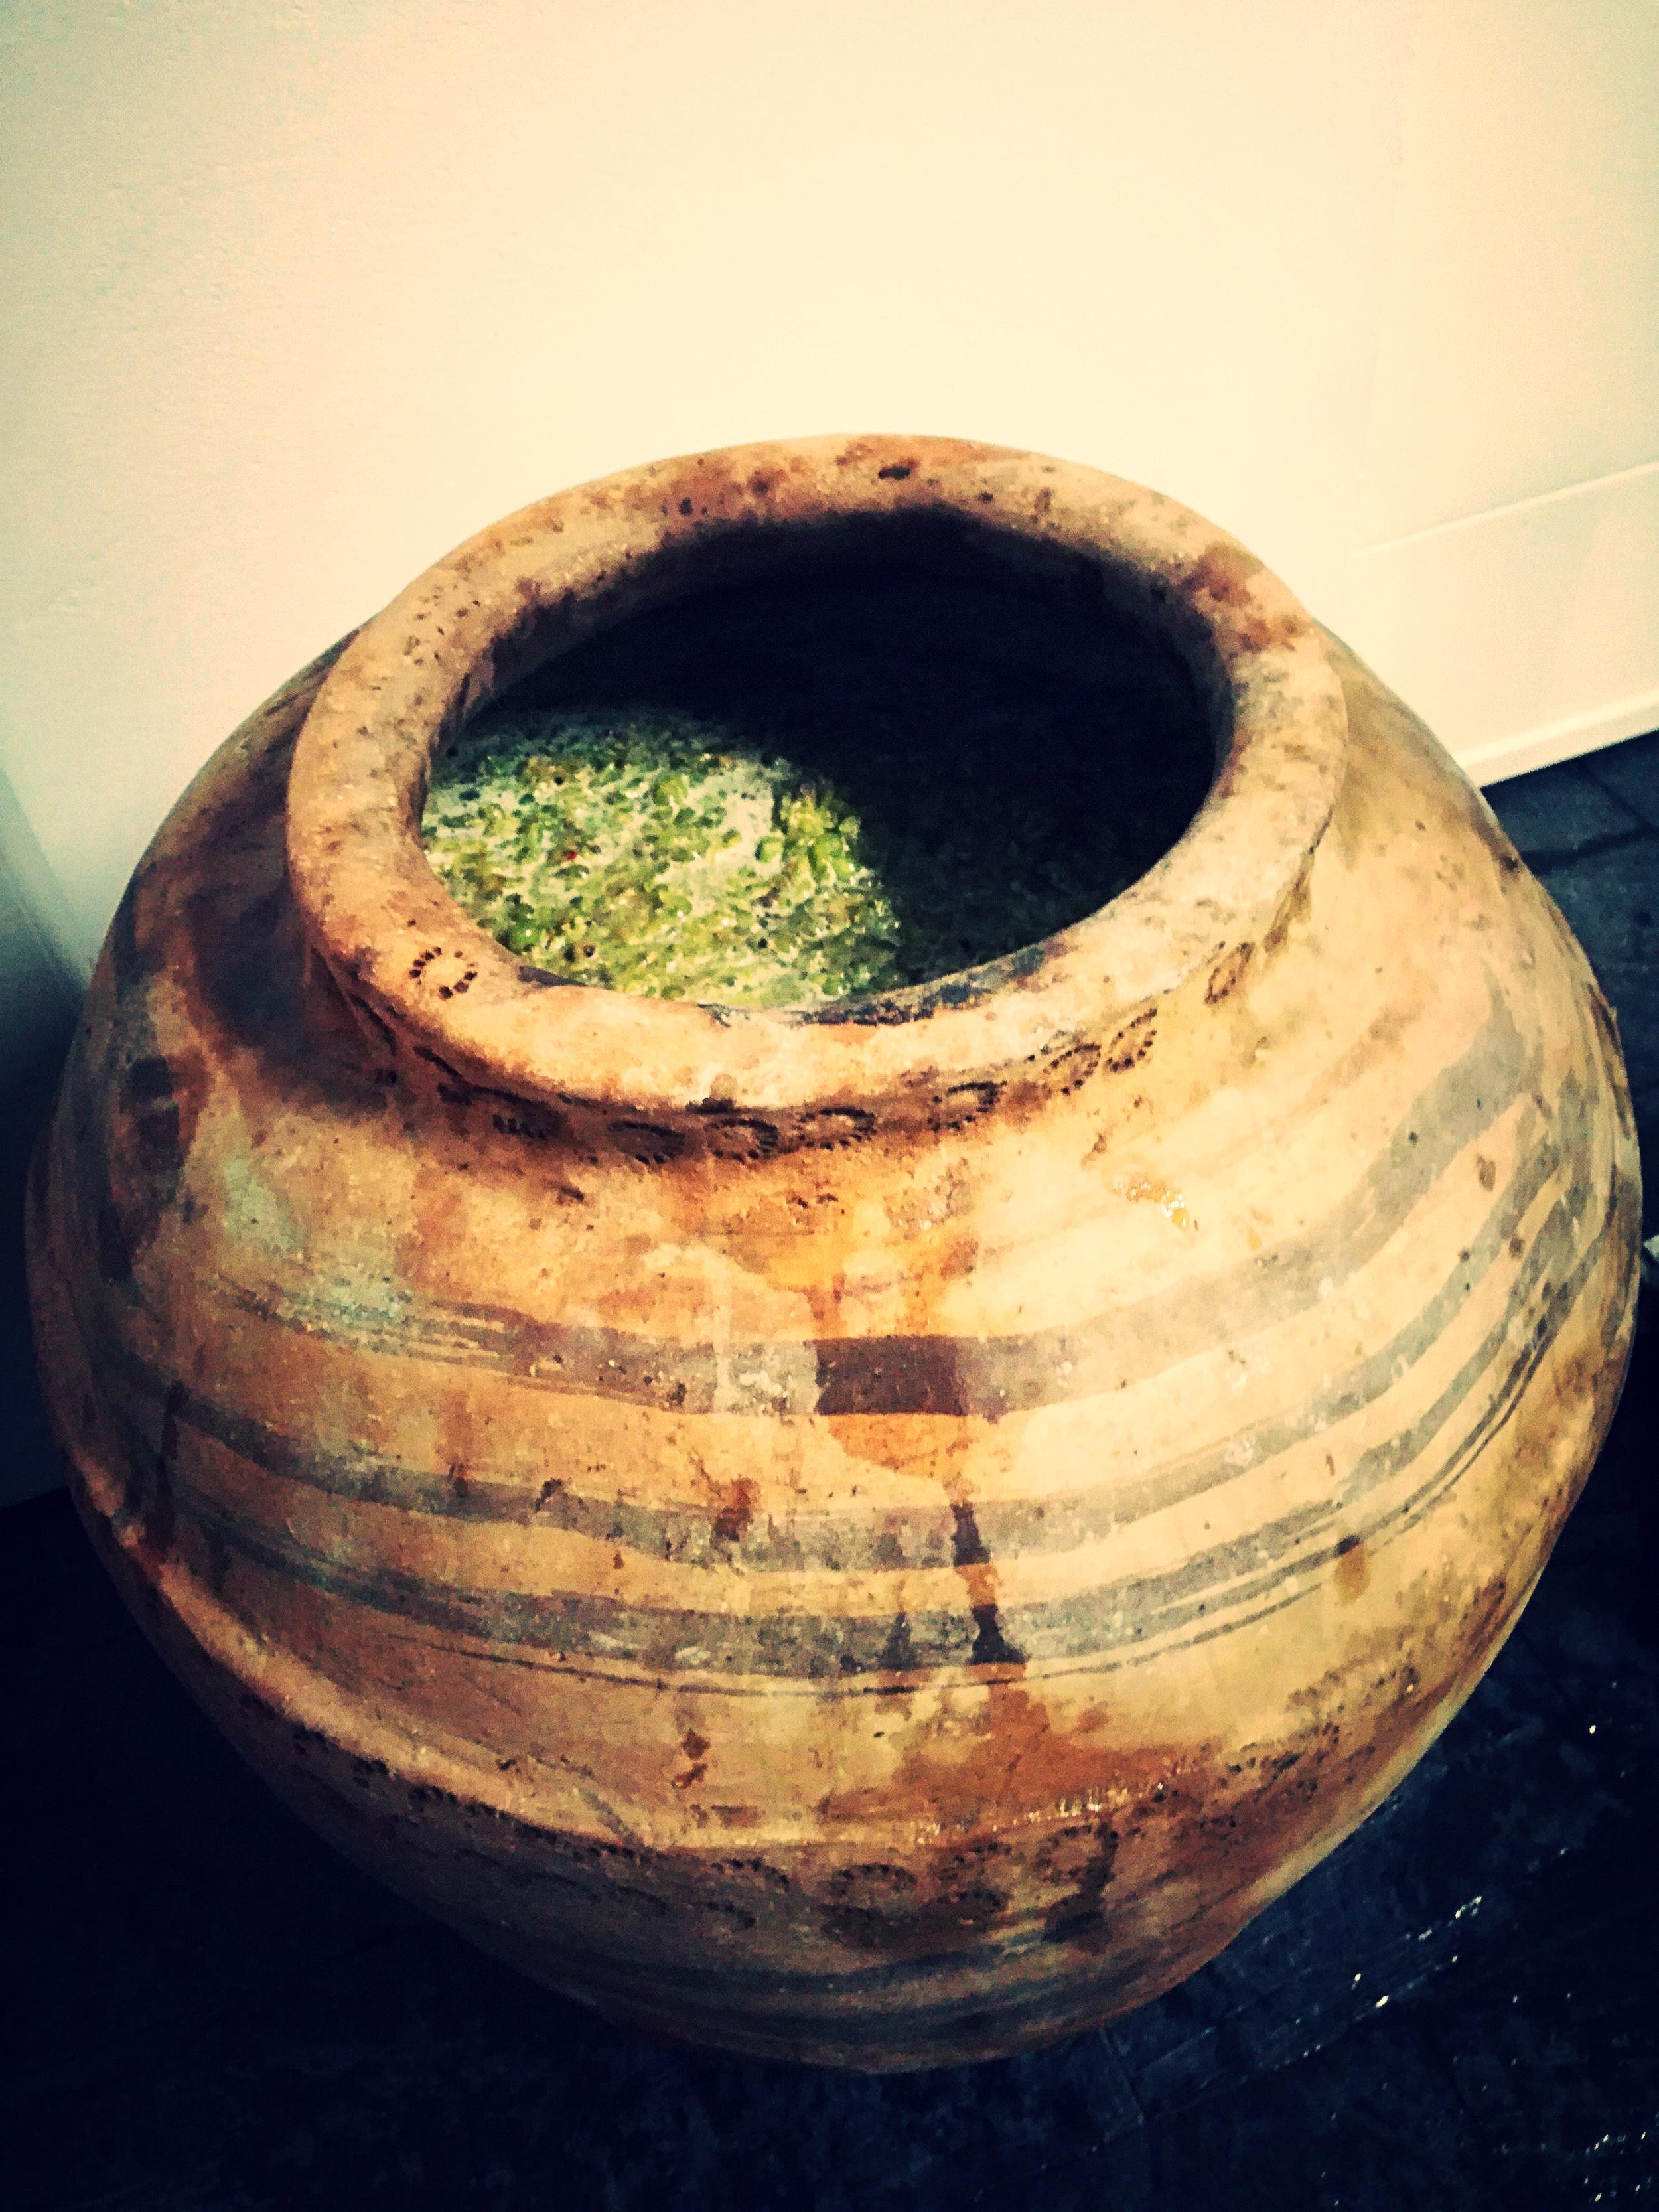 Macerating Verdejo inside Spanish dolia/amphora